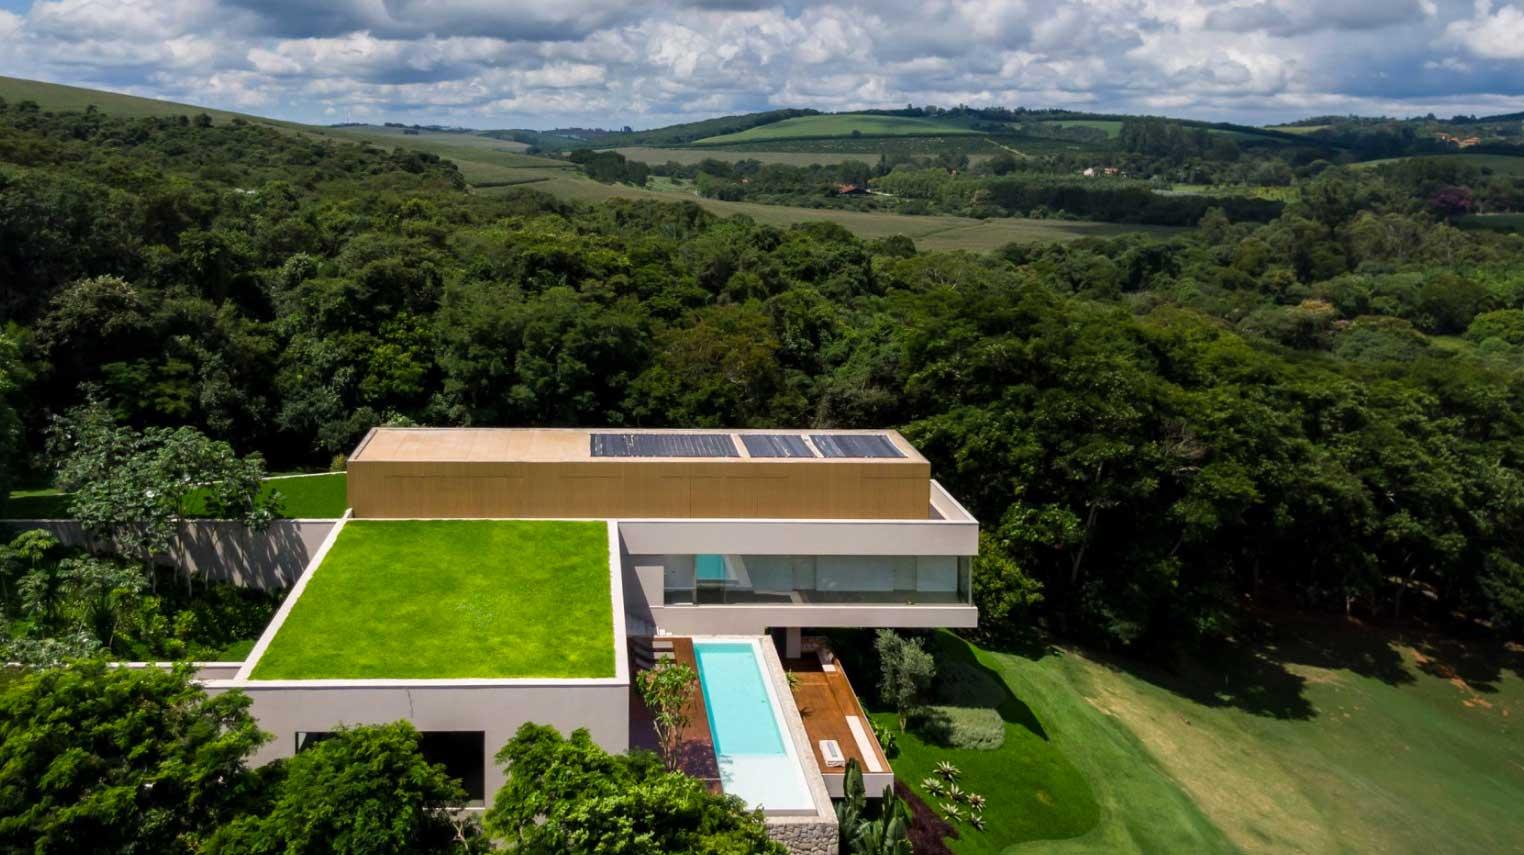 Casa NVD, de Arthur Casas